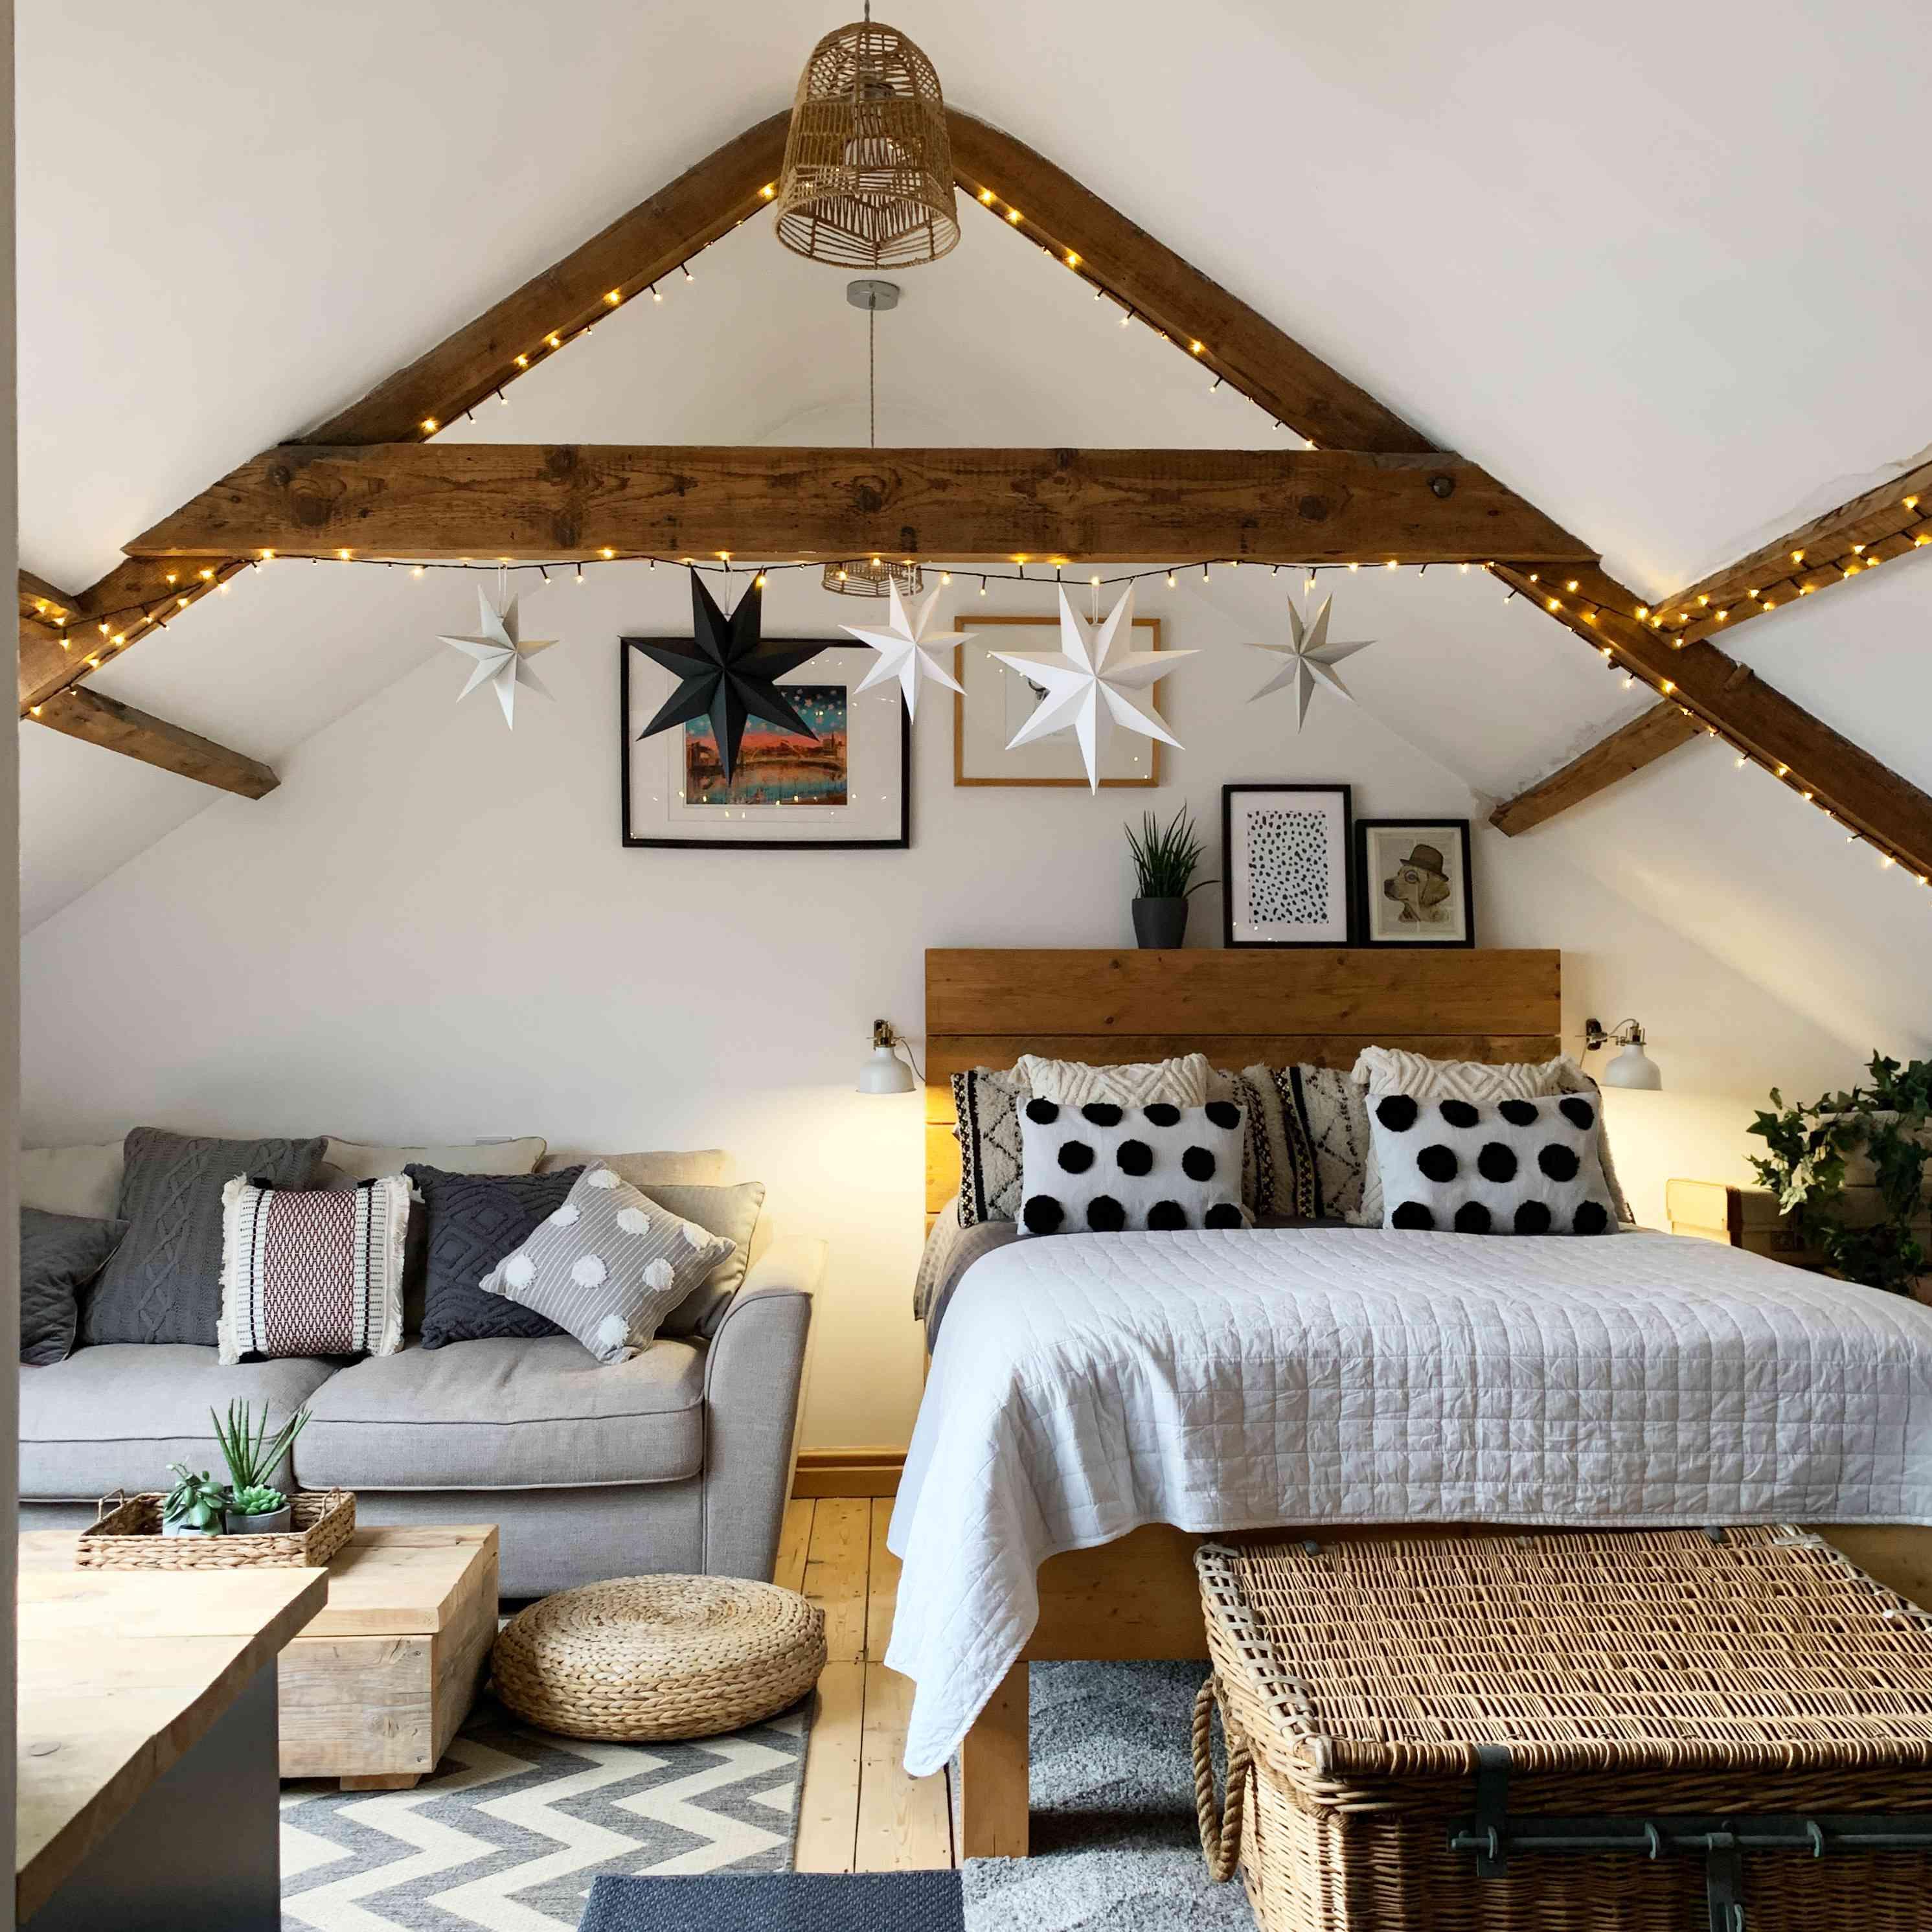 Claire Knight cabin decor